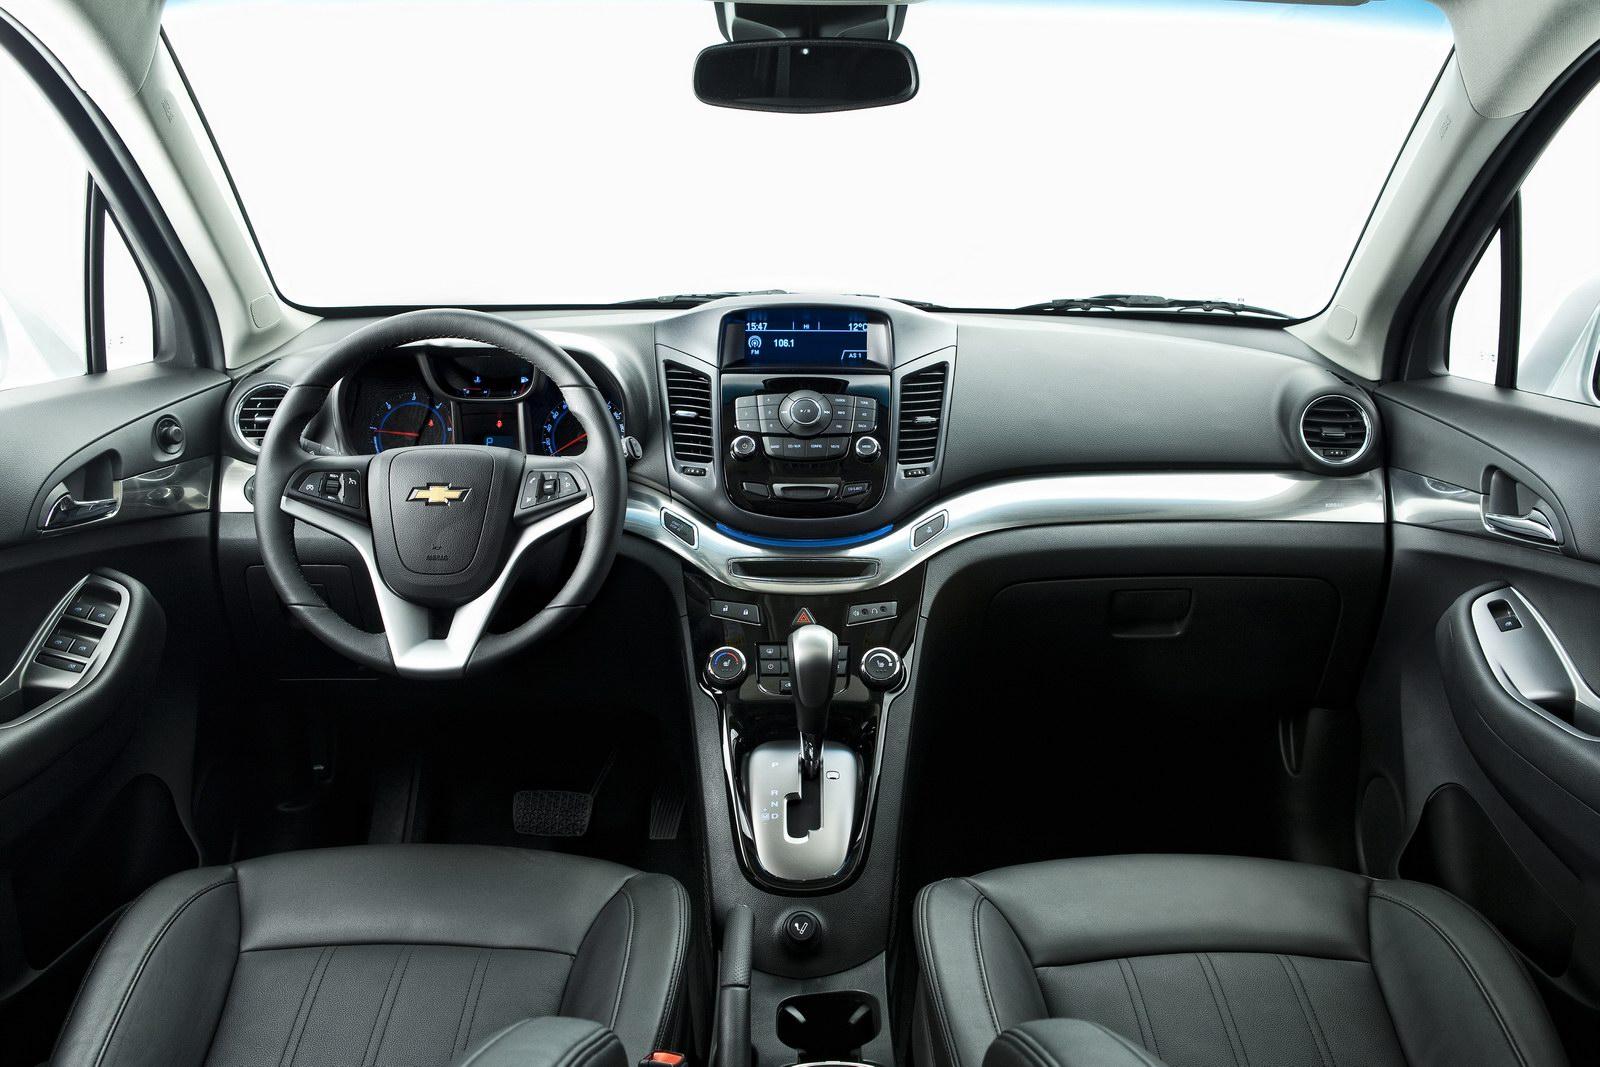 Kelebihan Kekurangan Chevrolet Orlando 2013 Tangguh